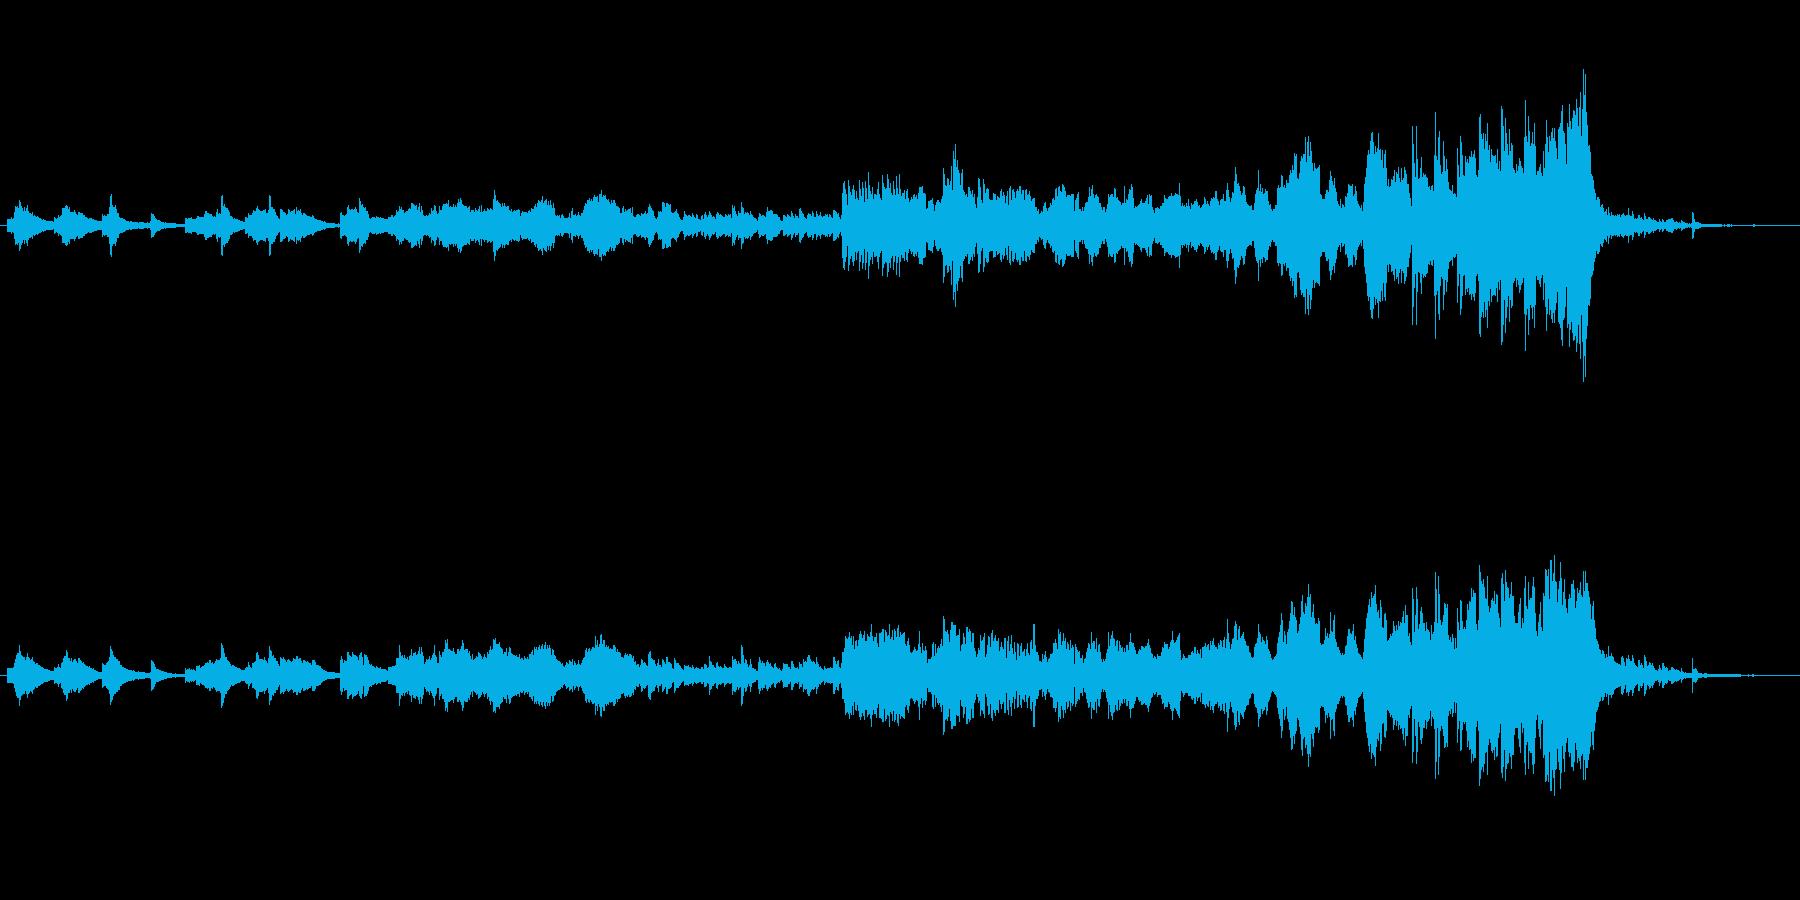 夜空が似合うピアノフルートストリングス曲の再生済みの波形